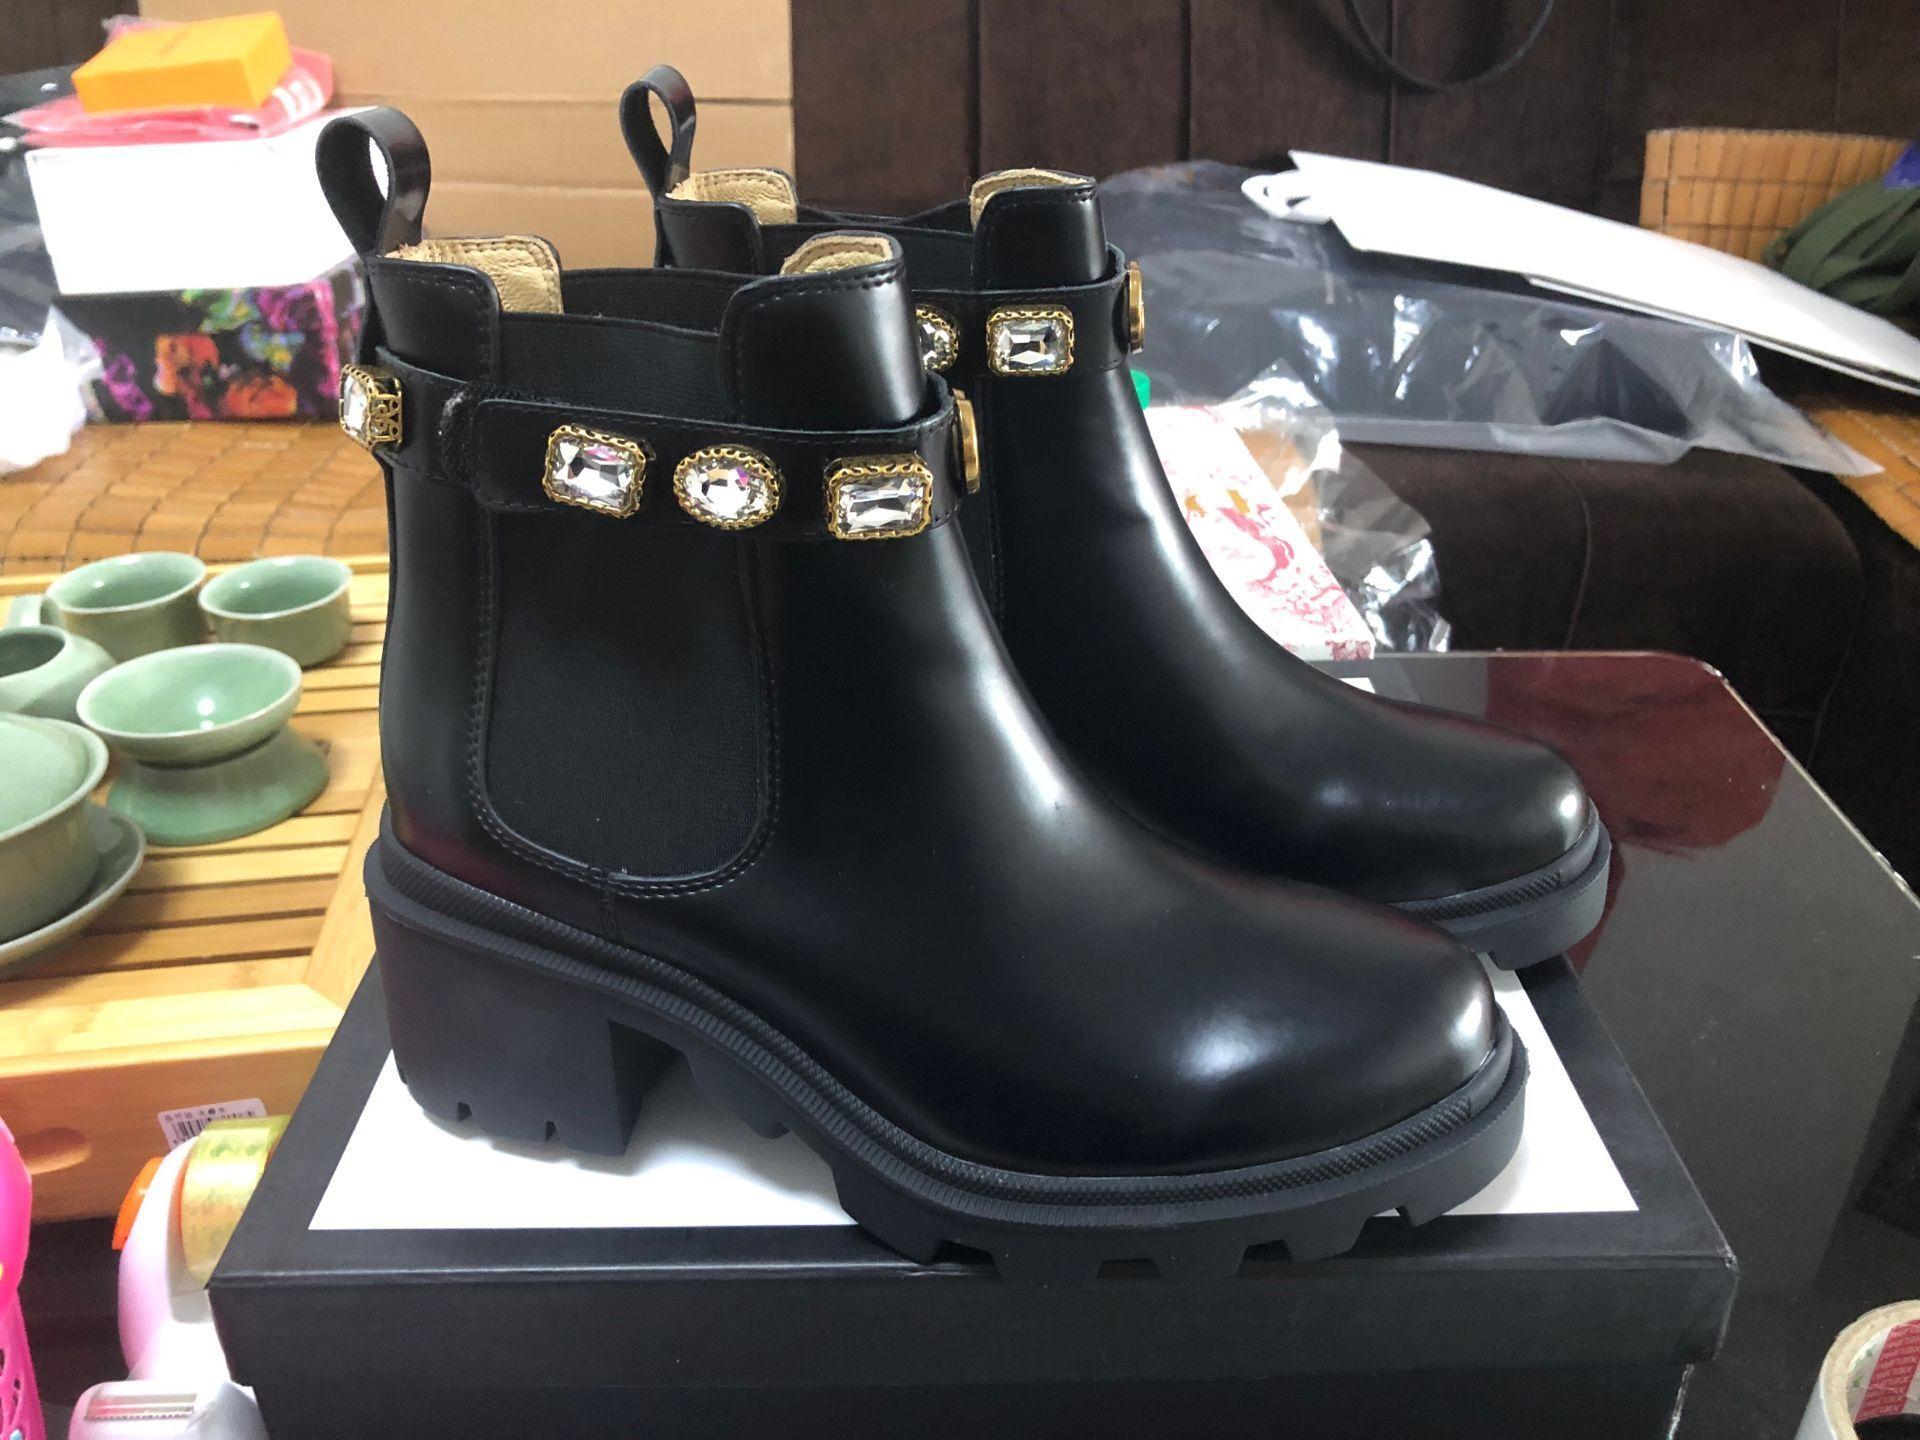 Diseñadores Martin Boots Black Color Boots Boots Diseñadores Mujeres Botines Hatetas Calidad Invierno Botines antideslizantes